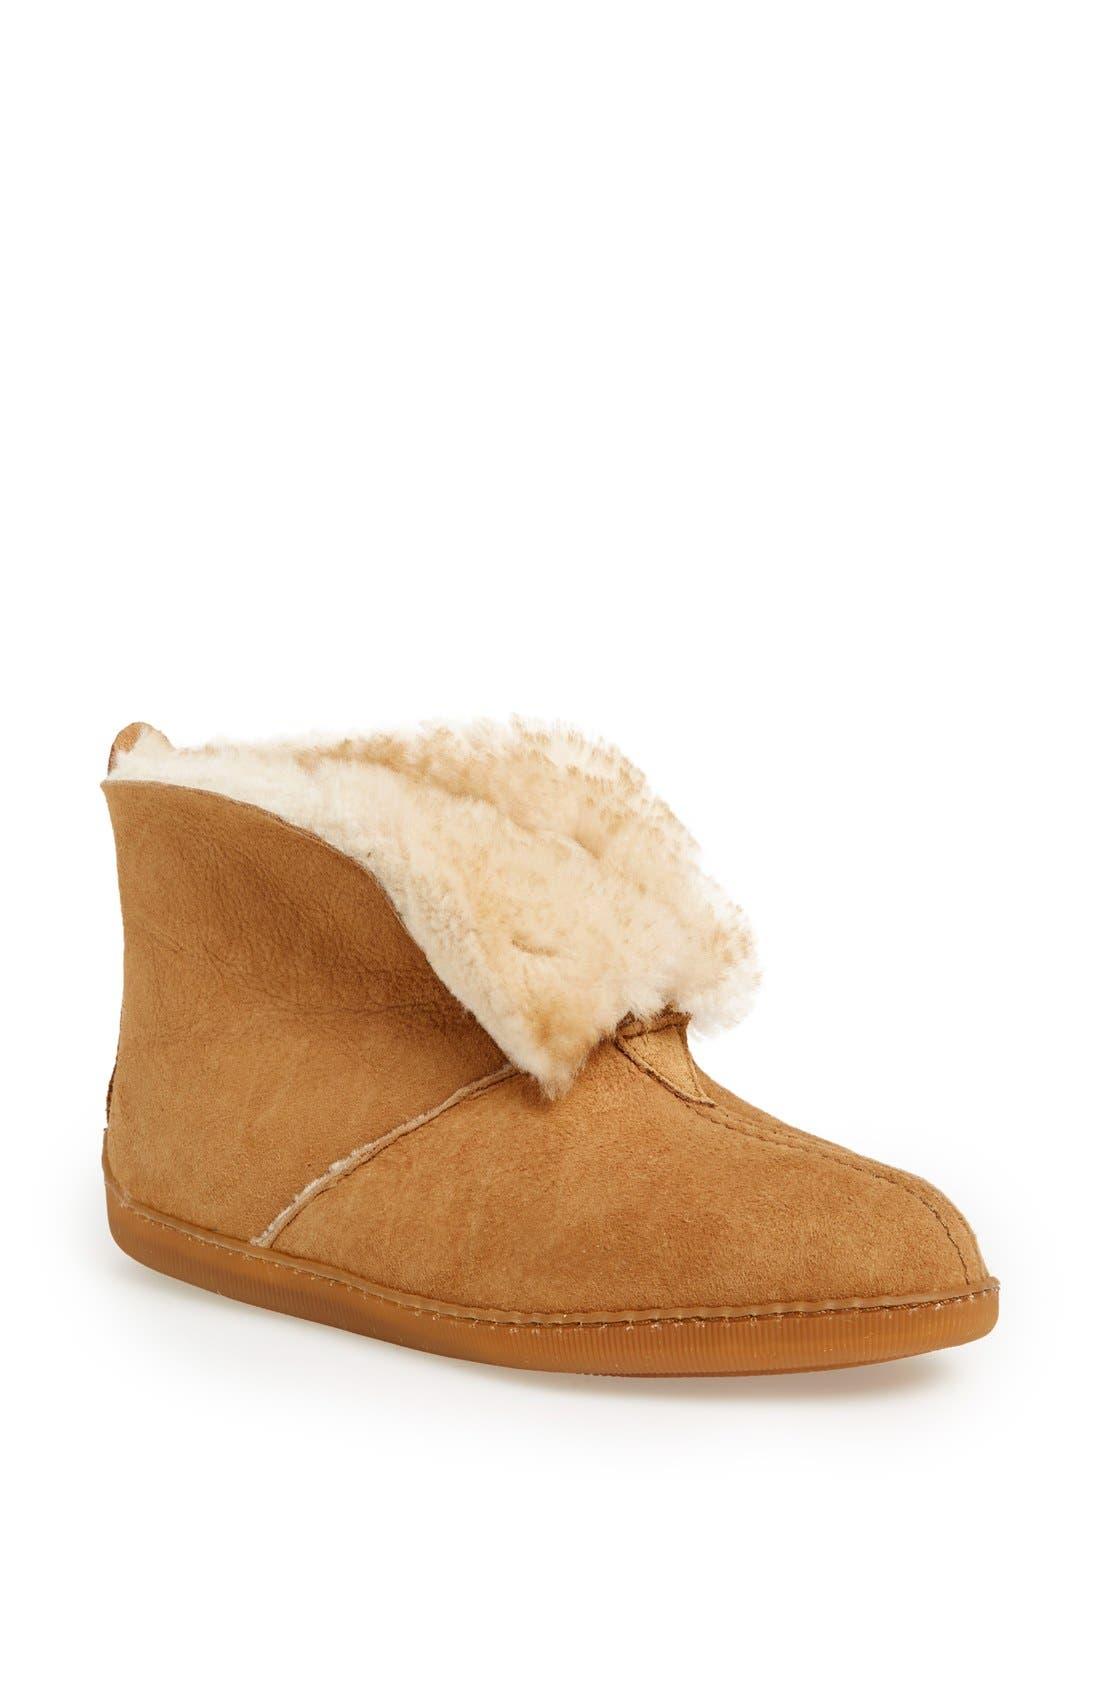 Alternate Image 1 Selected - Minnetonka Sheepskin Slipper Boot (Women)